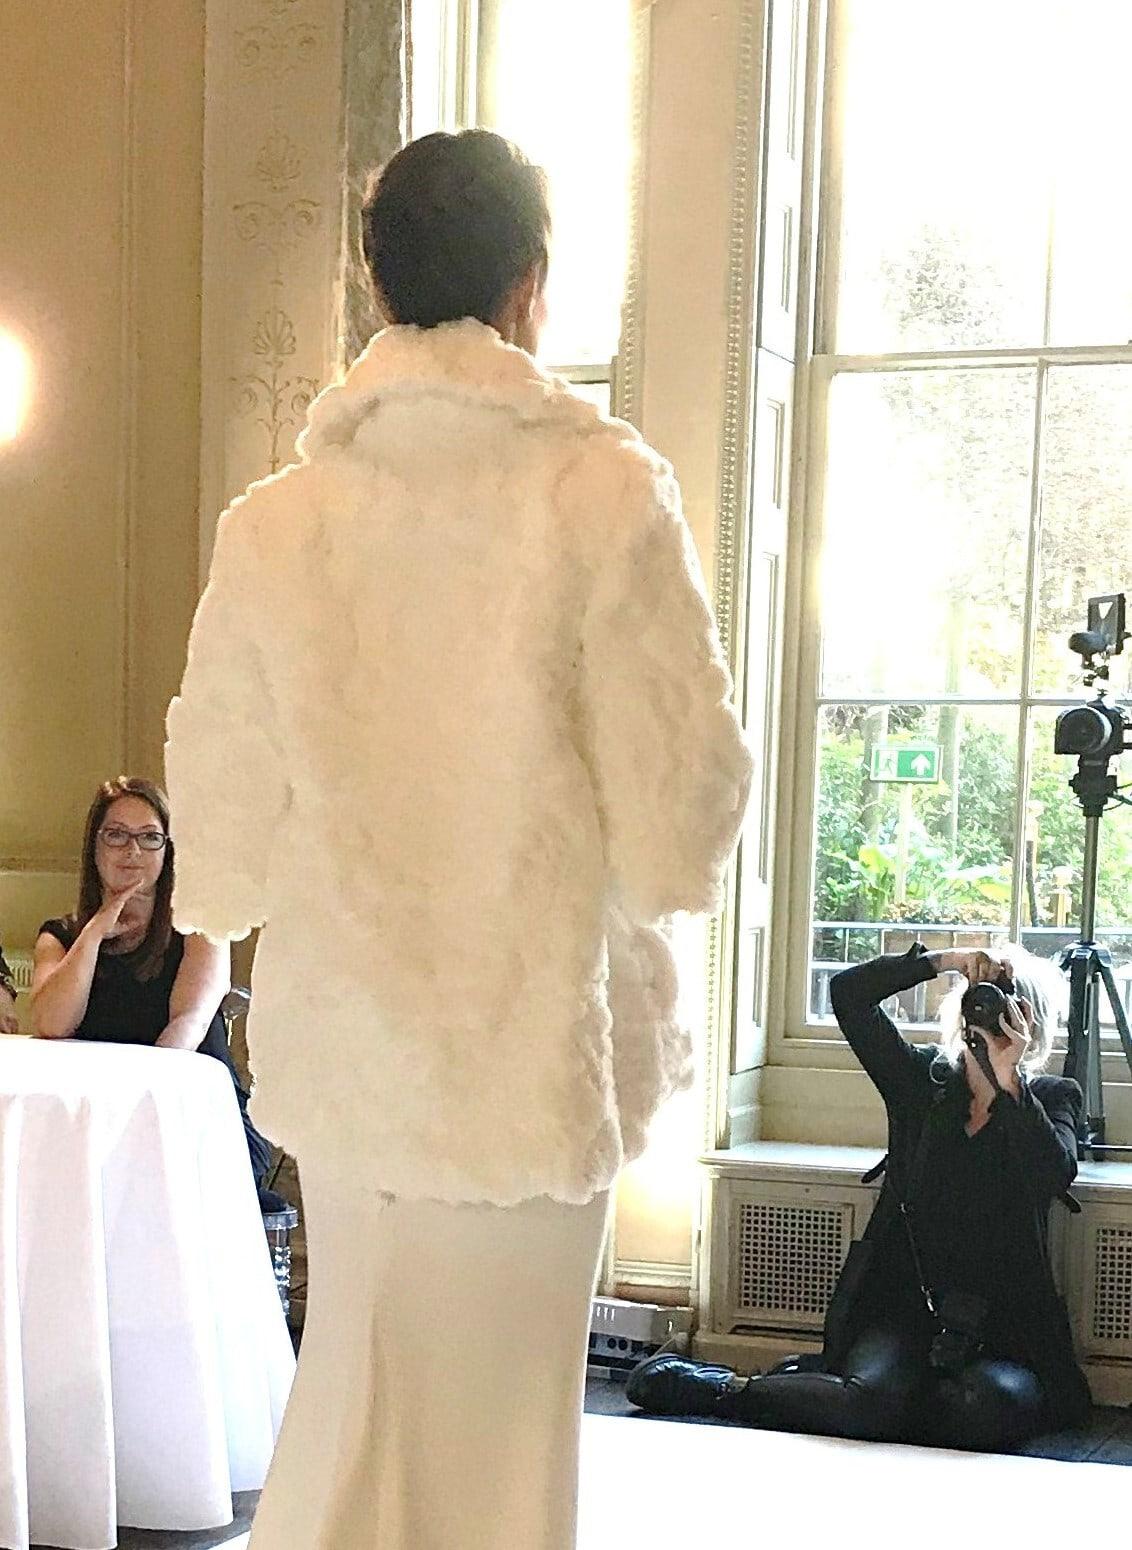 designer-wedding-dress-paris-suzanne-neville-love-jacket